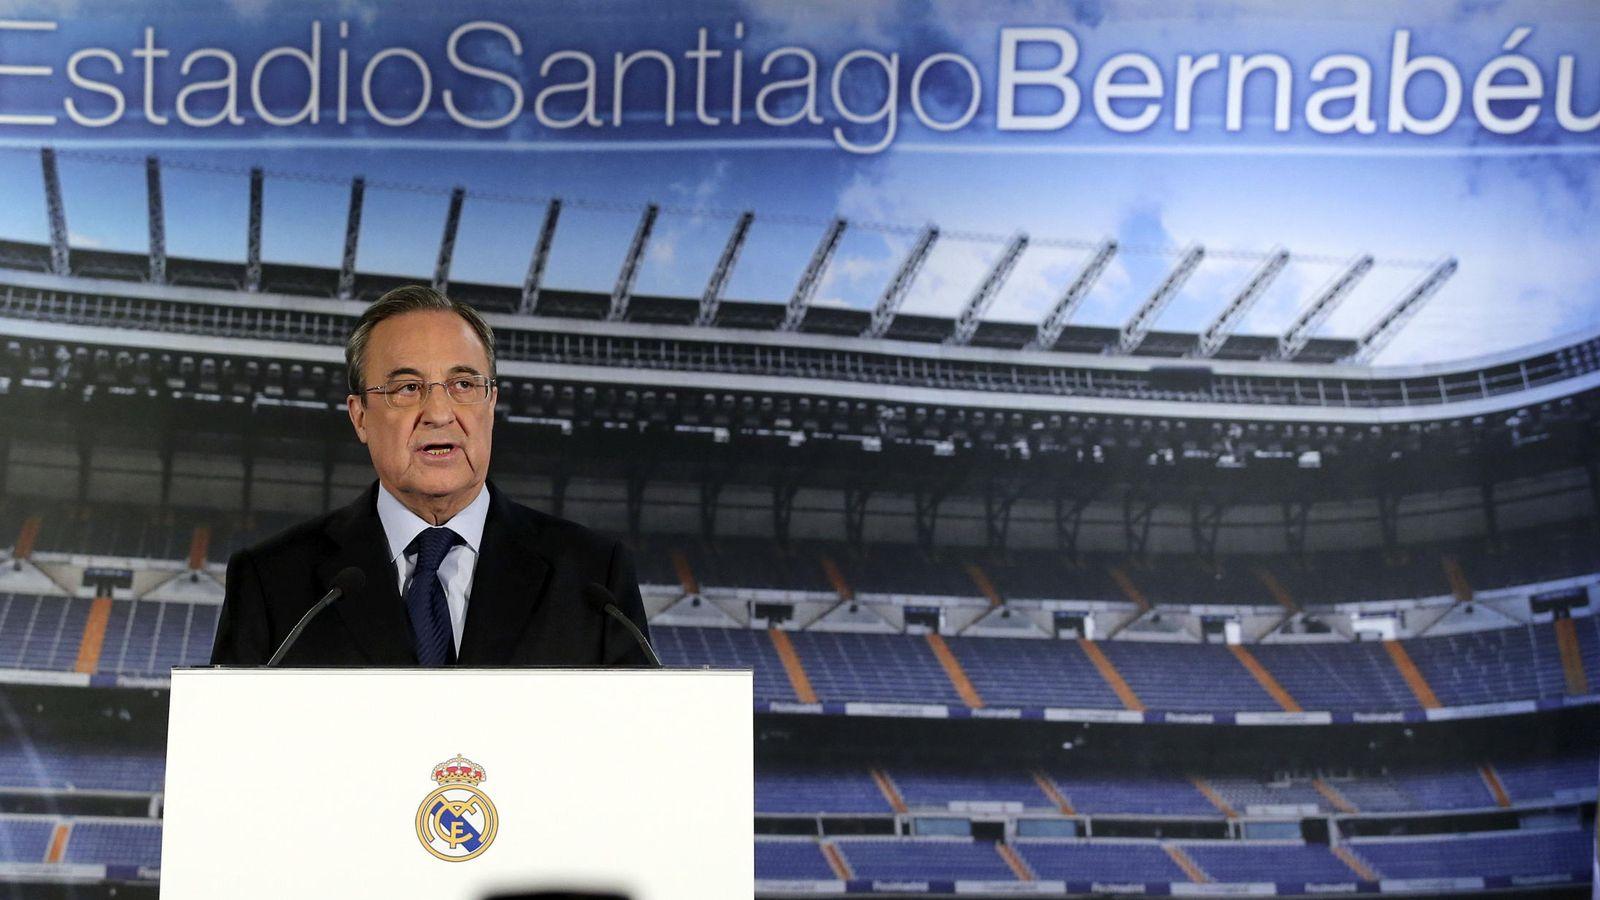 Foto: El presidente del Real Madrid, Florentino Pérez, durante la rueda de prensa. (EFE)